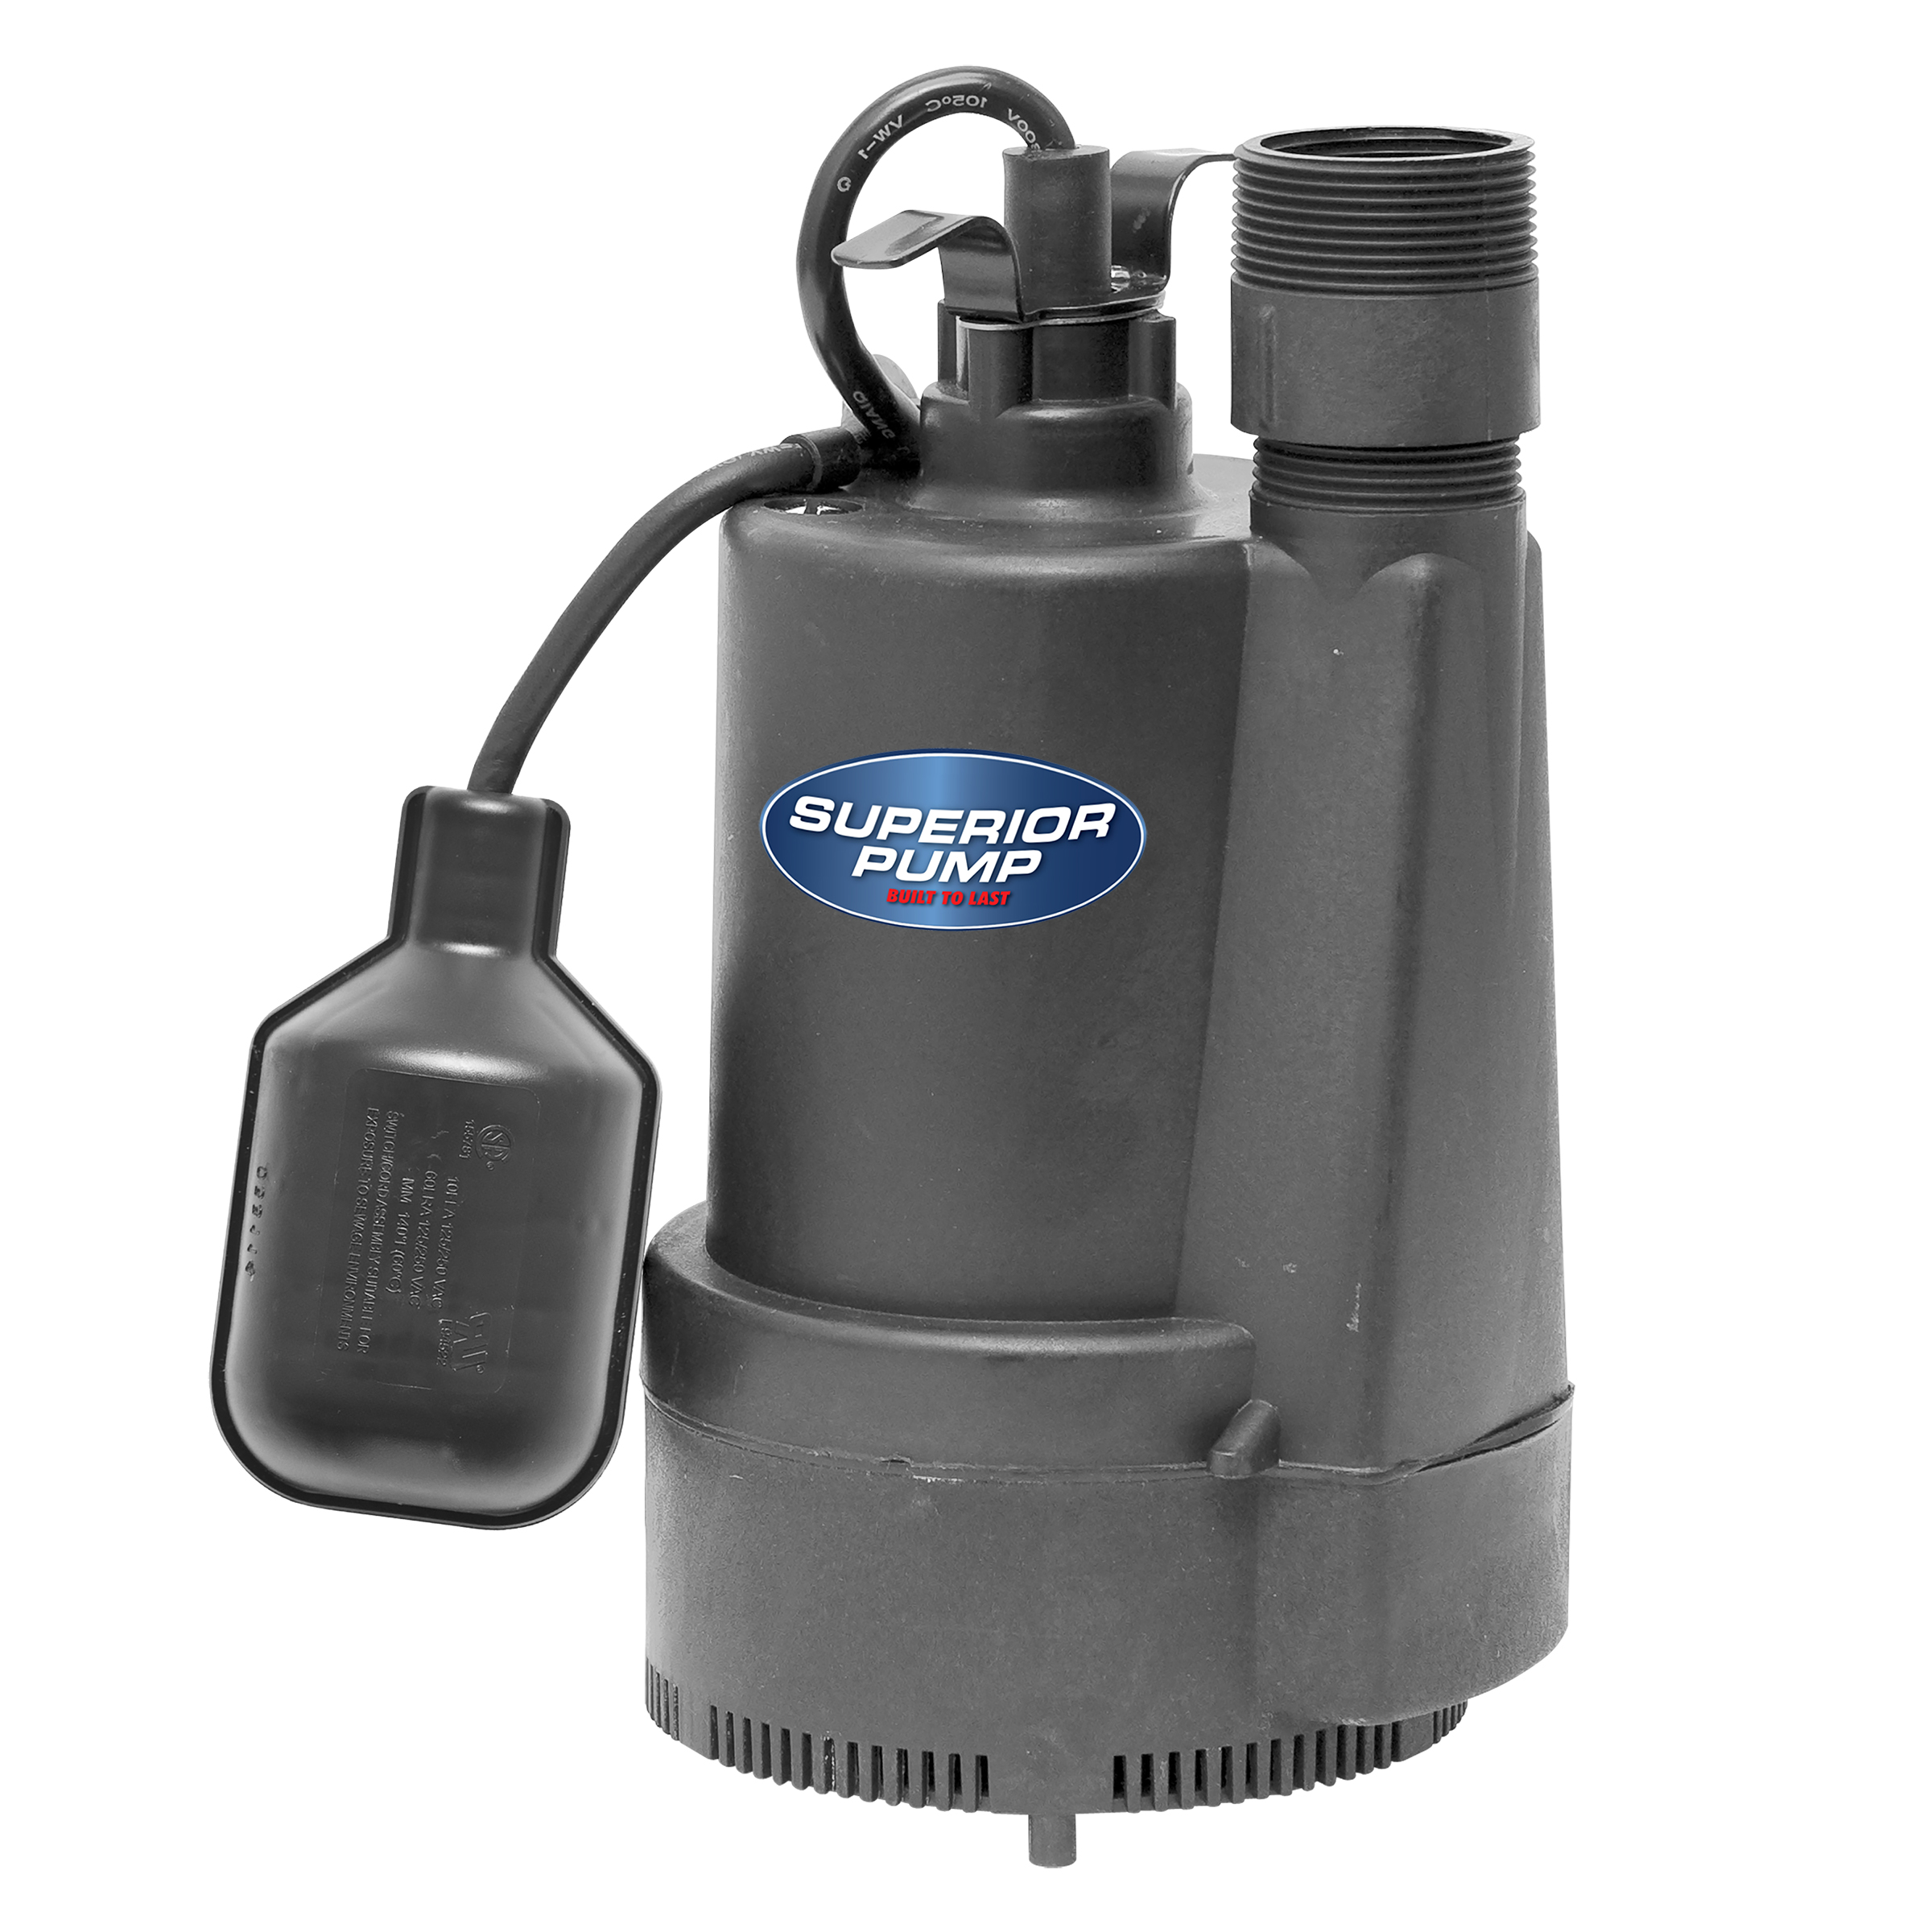 Superior Pump 1/3 HP Sump Pump